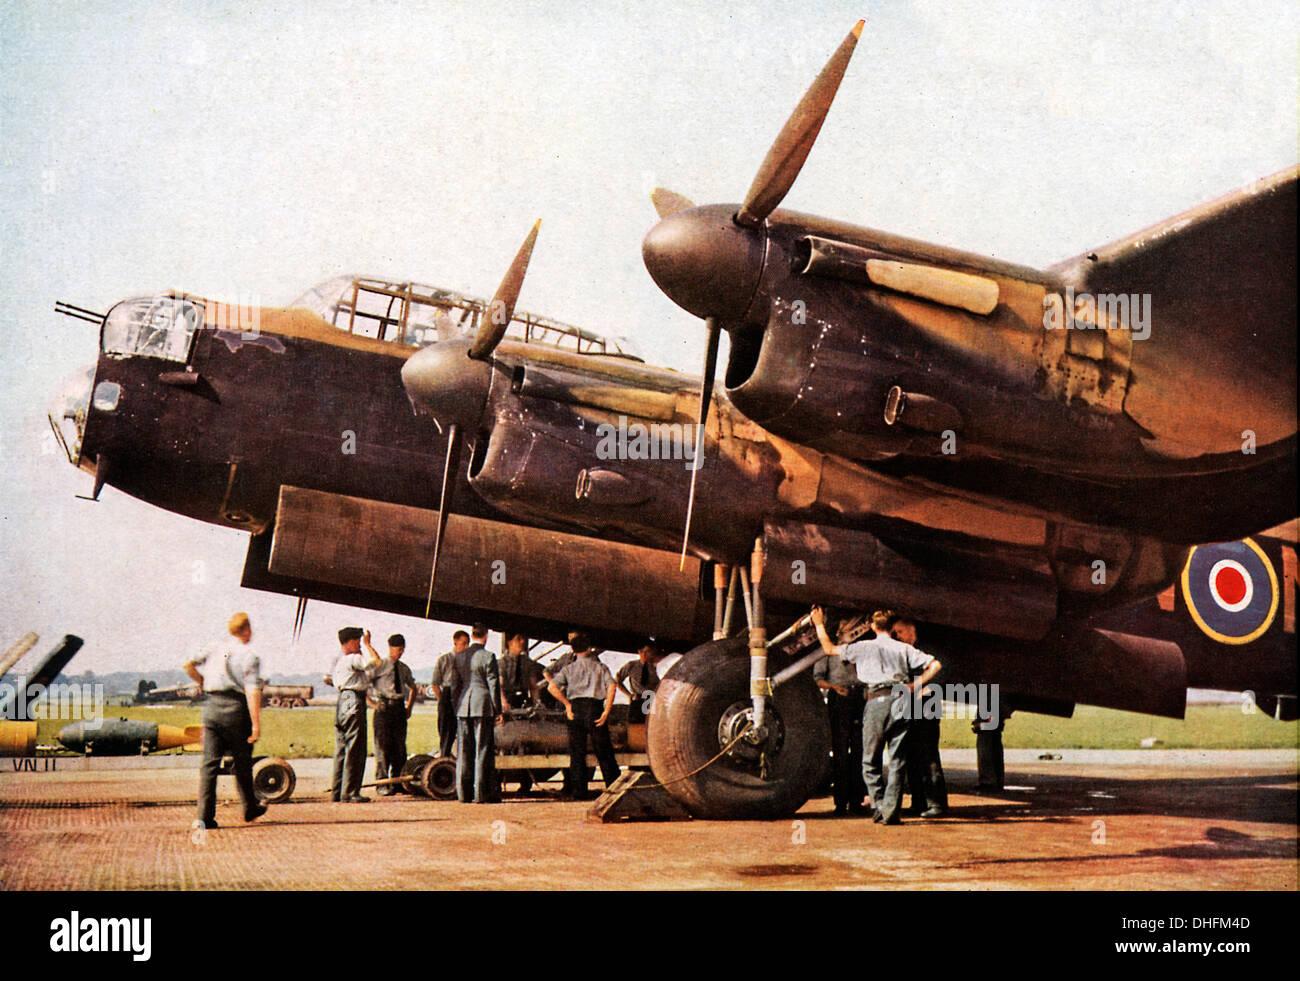 Caricamento di un bombardiere Lancaster, 1942 foto a colori dell'iconico RAF bombardiere pesante bombardamento up prima di un raid in Germania Immagini Stock